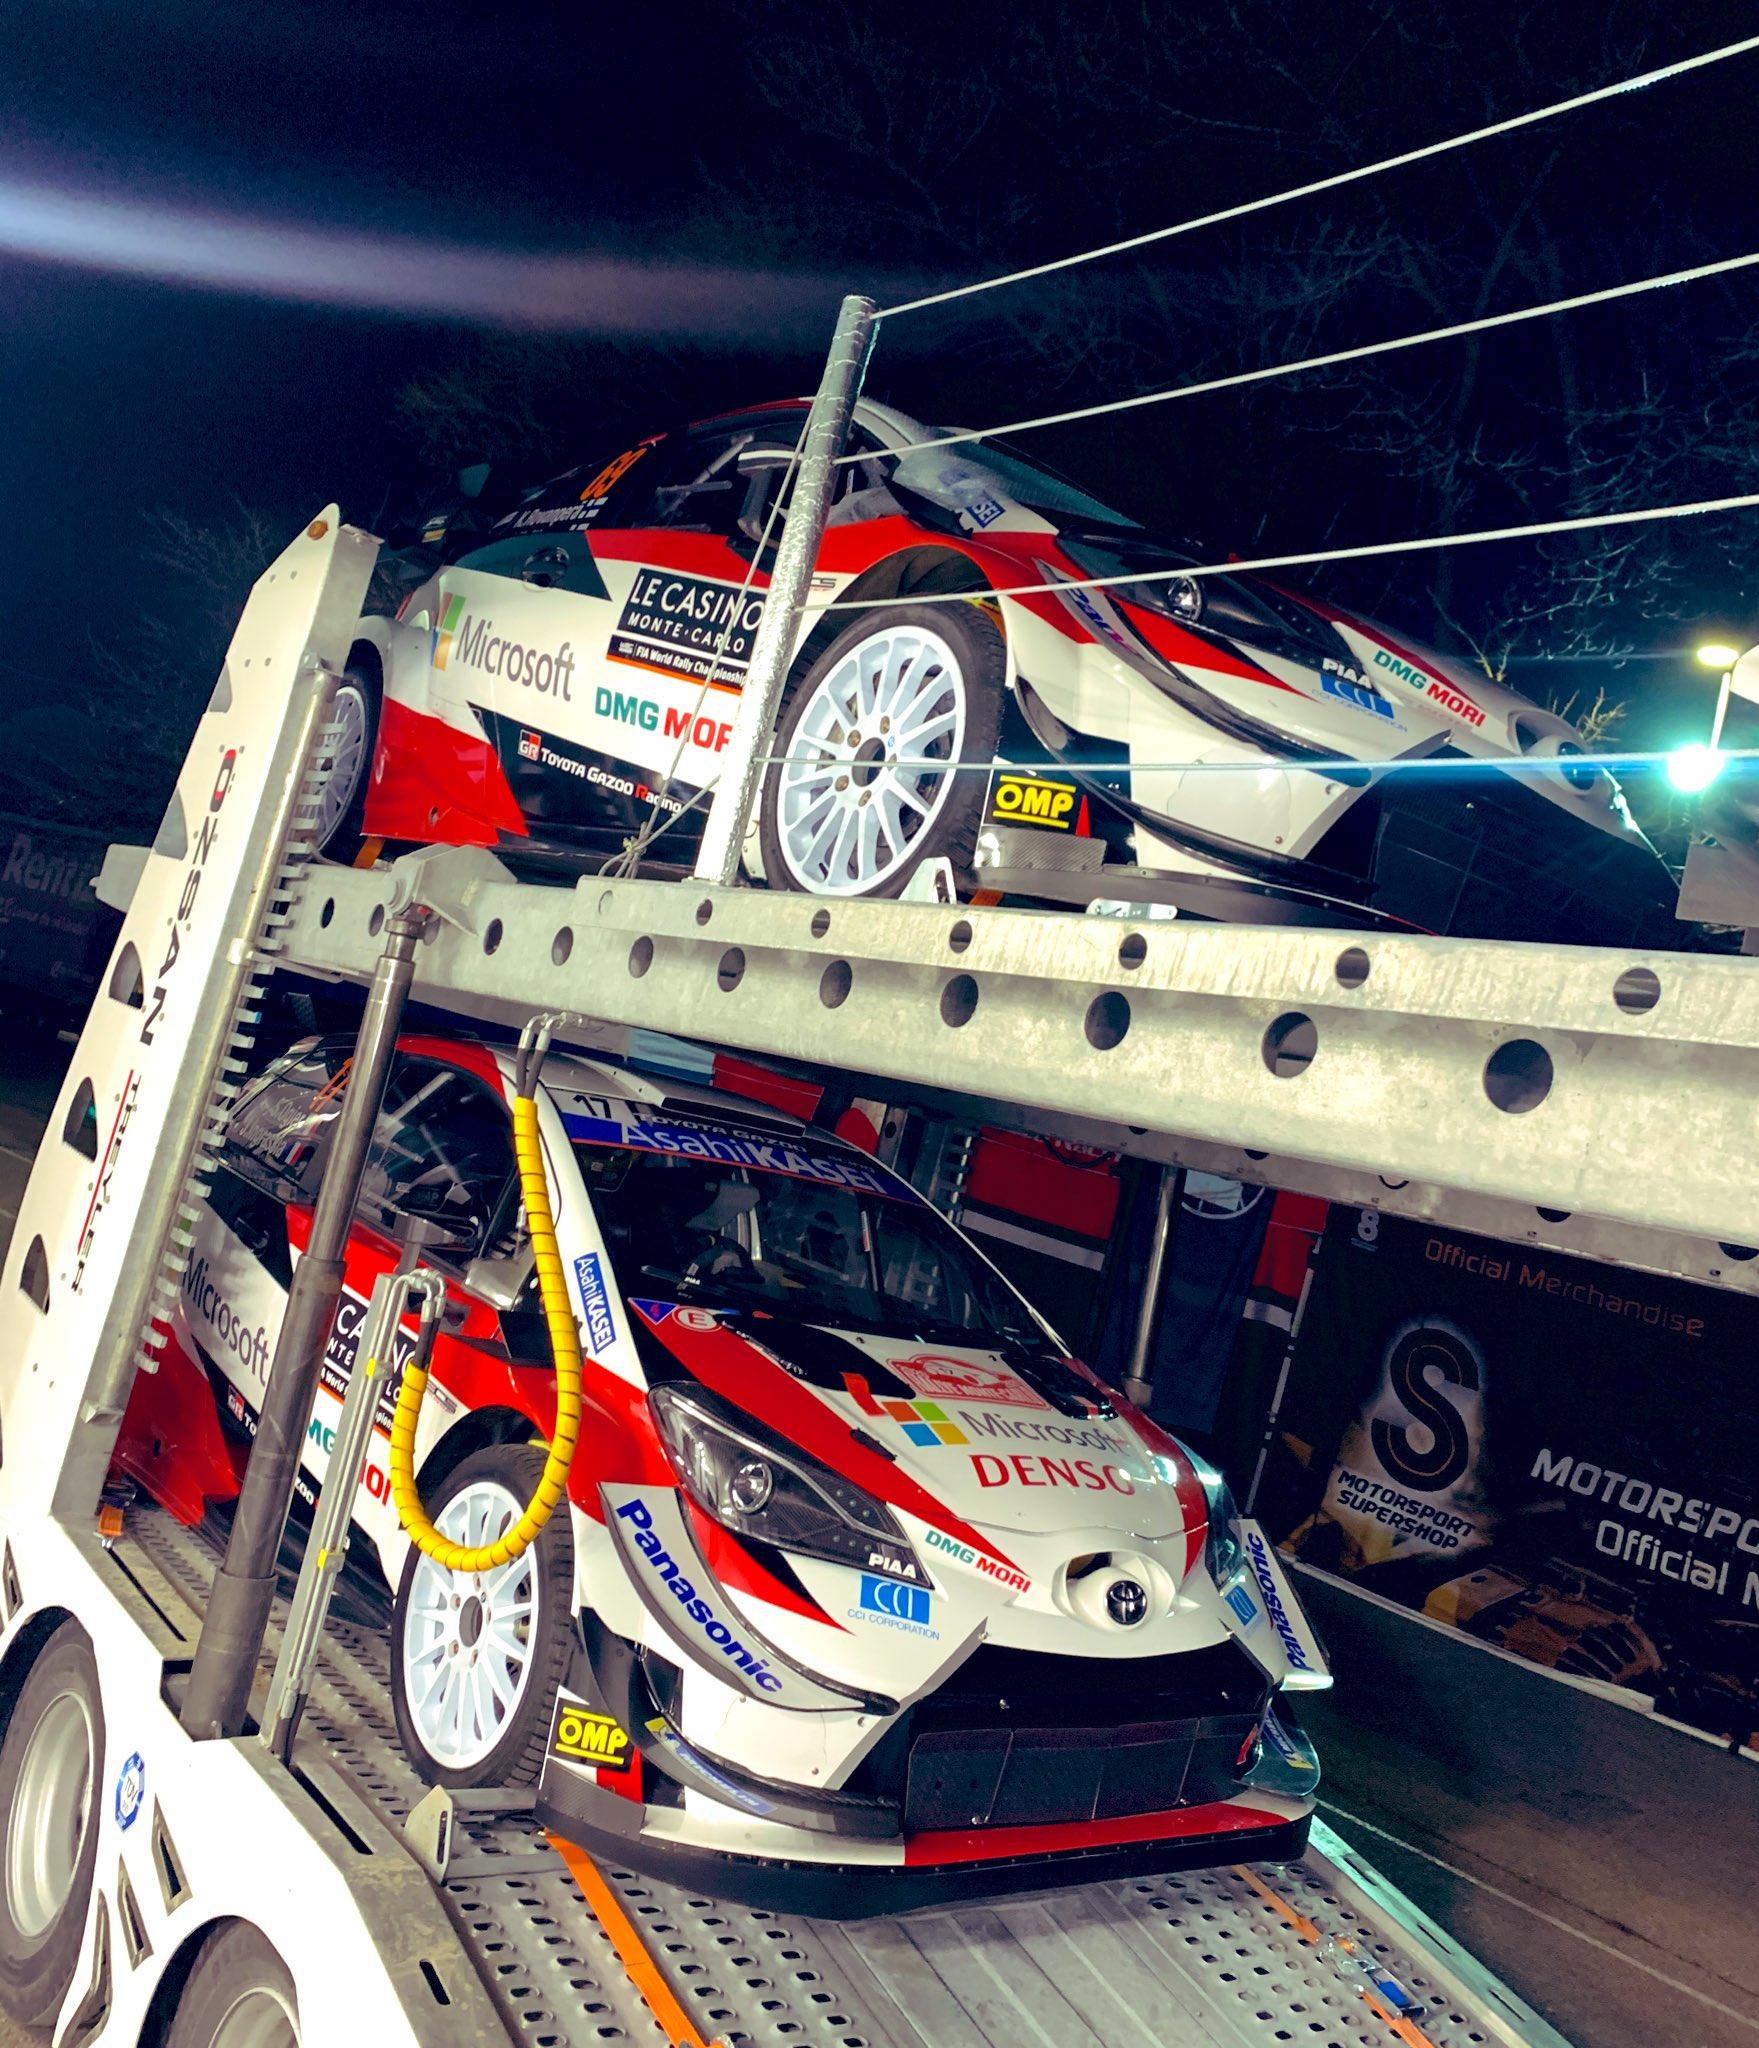 WRC: 88º Rallye Automobile de Monte-Carlo [20-26 de Enero] - Página 3 EO8cV8UU4AUEgEB?format=jpg&name=4096x4096